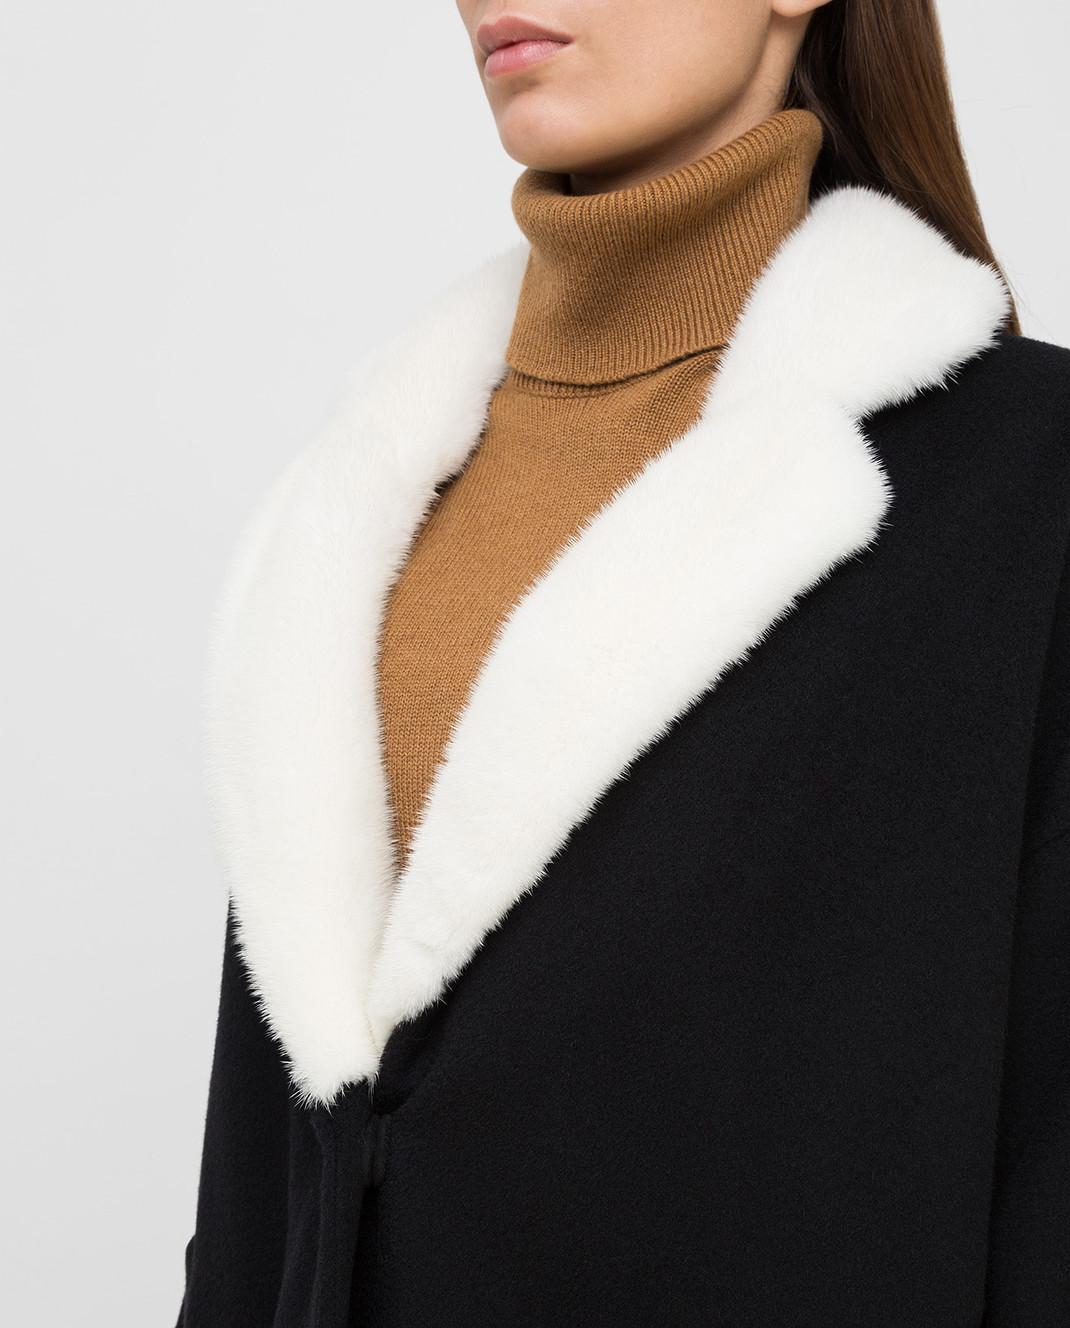 Via Cappella Черное пальто из кашемира с мехом норки C1017CASHMEREBLCOLLARM изображение 5